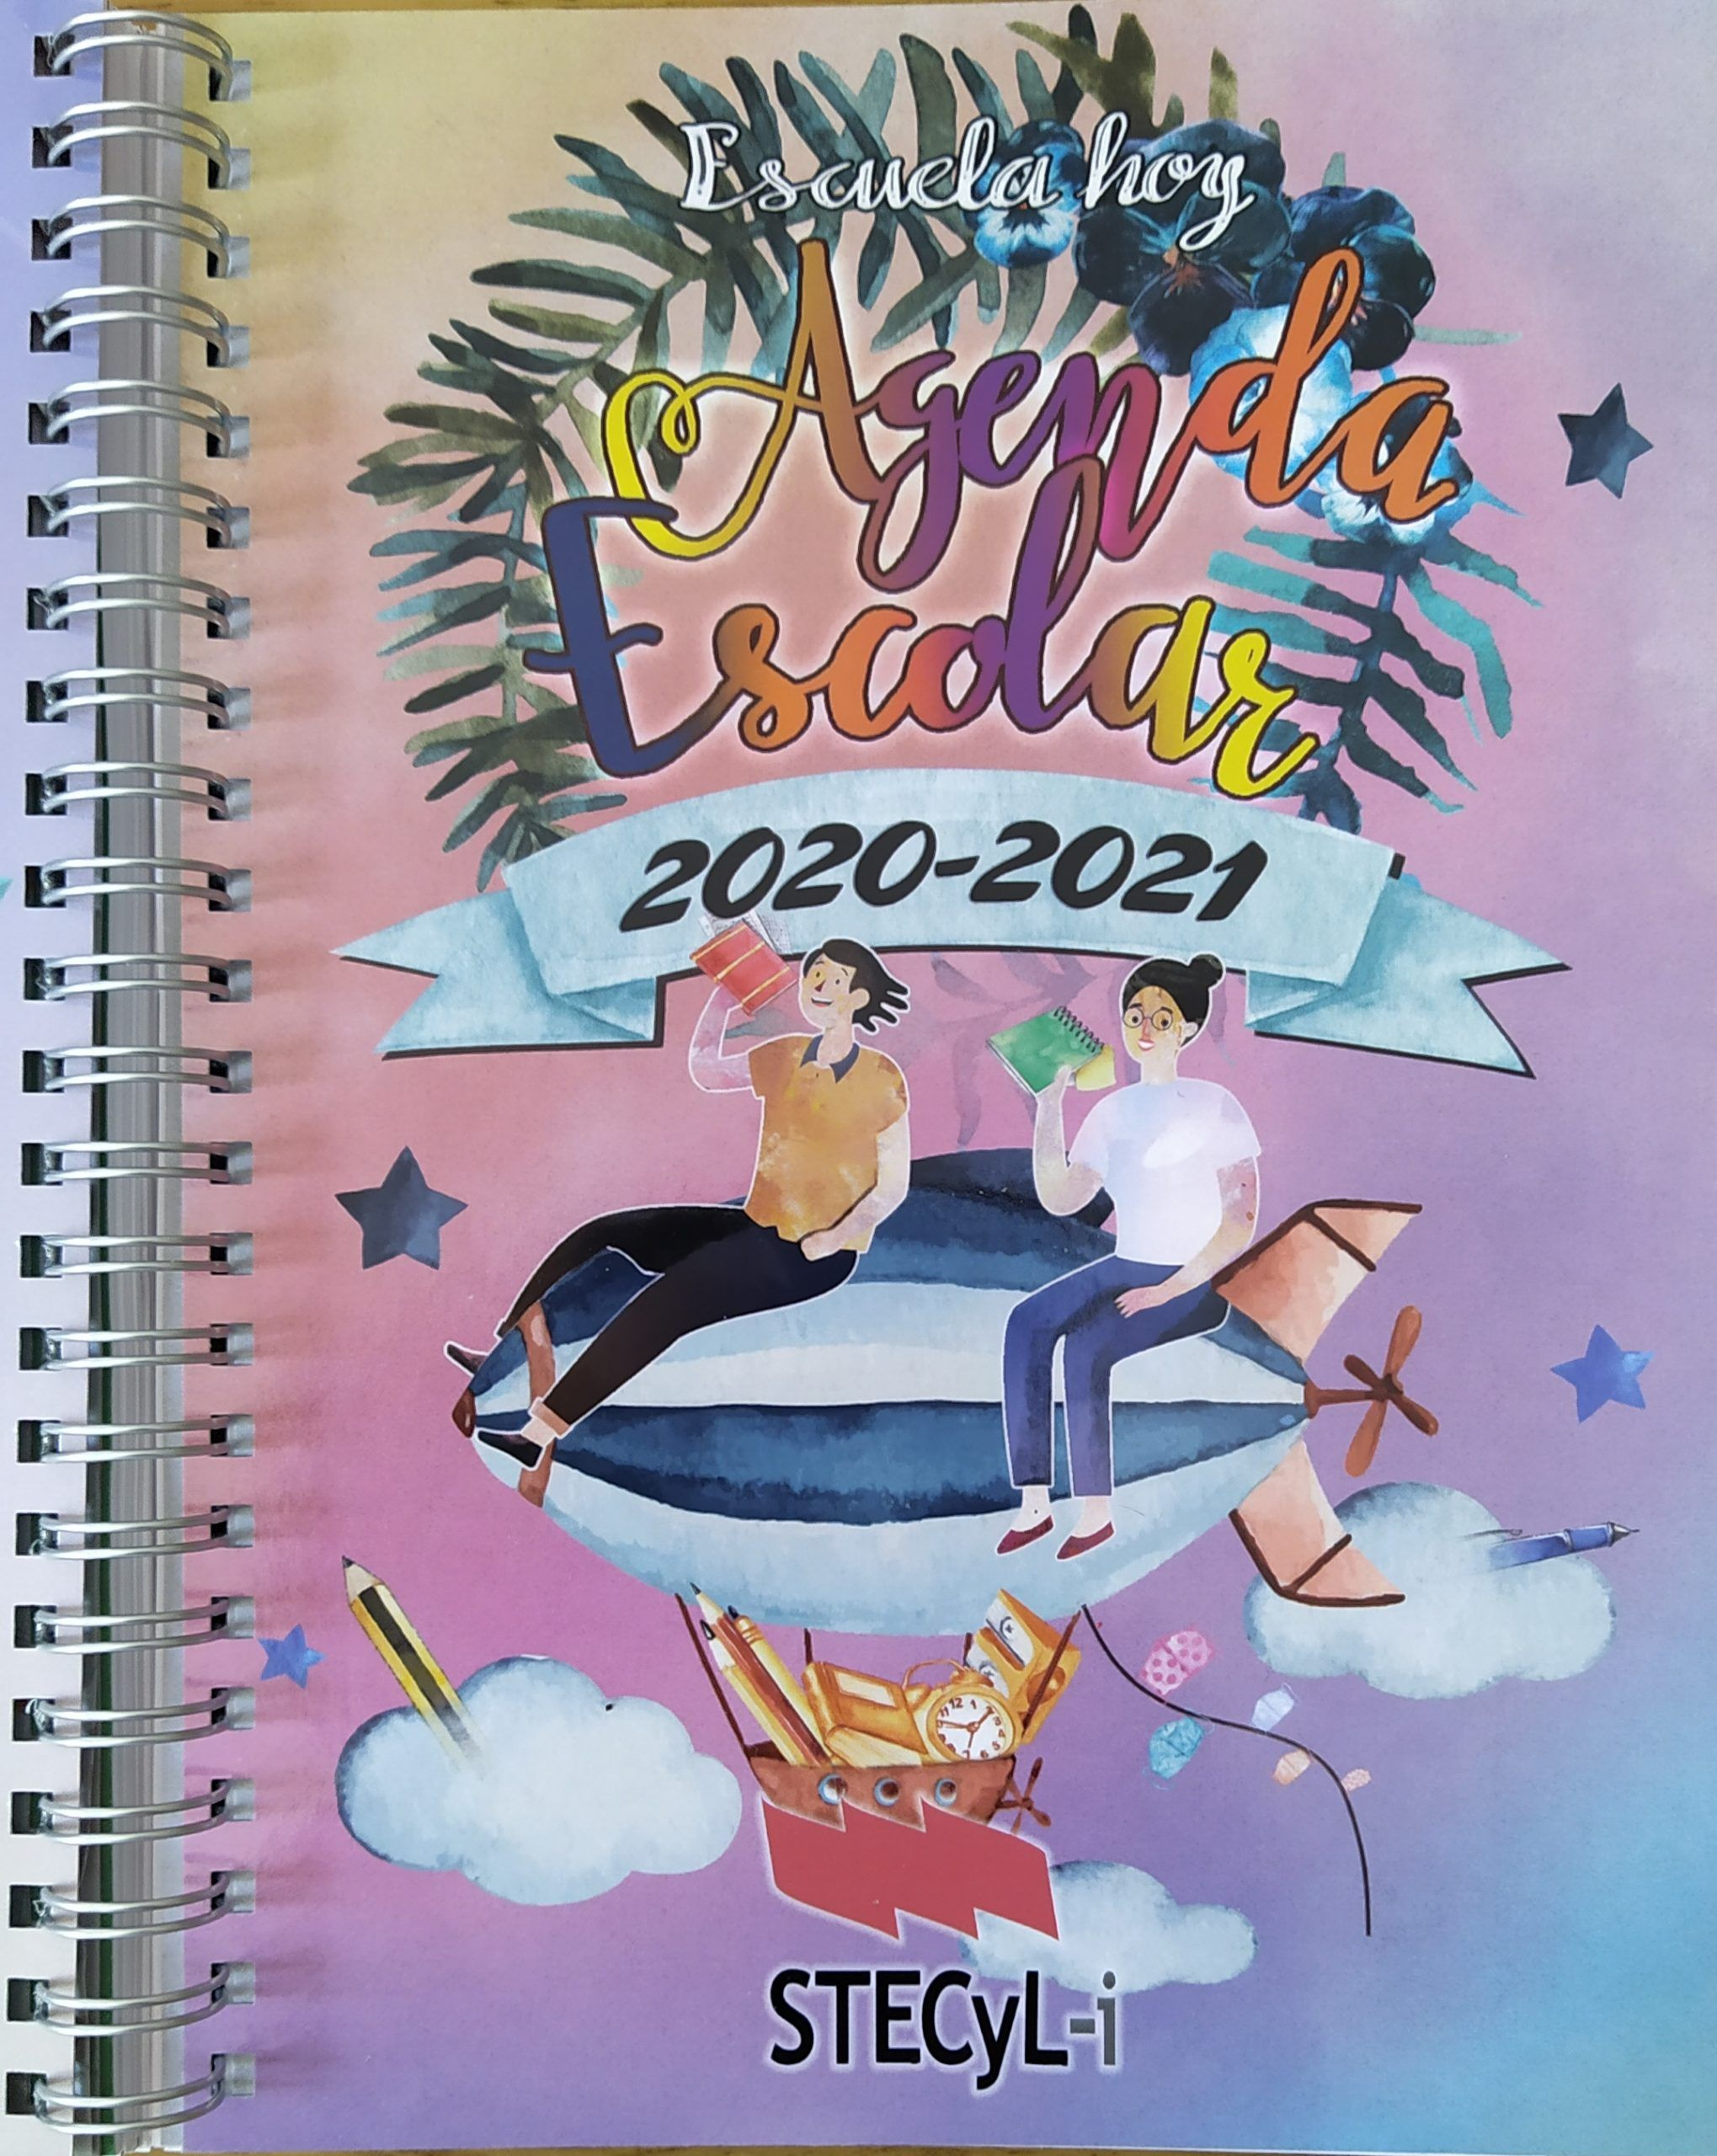 Agenda-20-21-portada